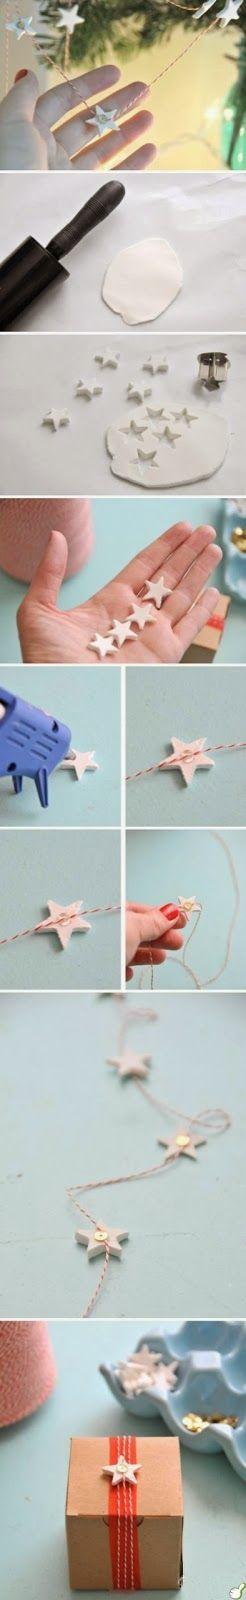 DIY Stjerne julebånd